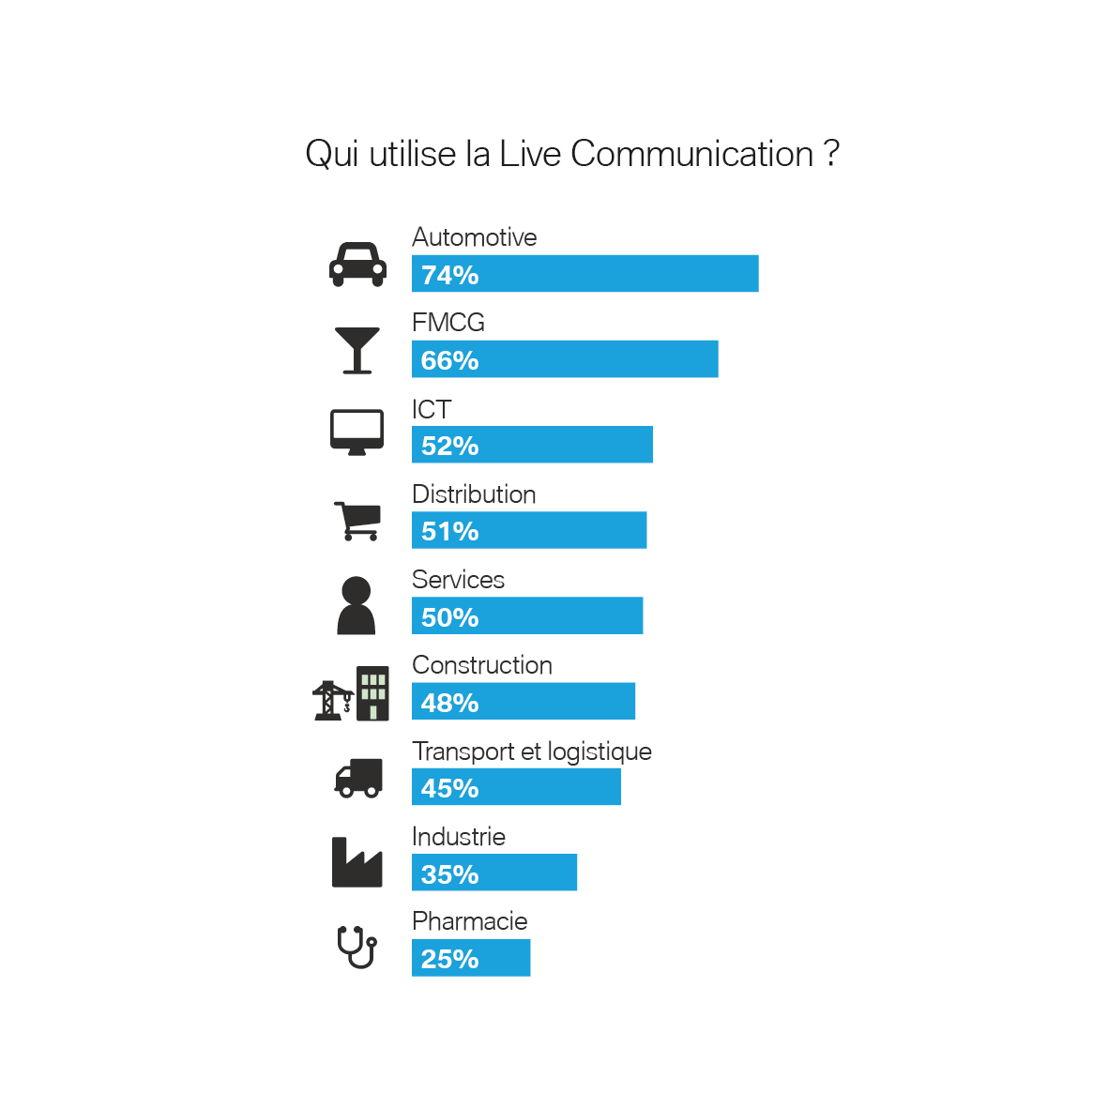 Qui utilise la Live Communication